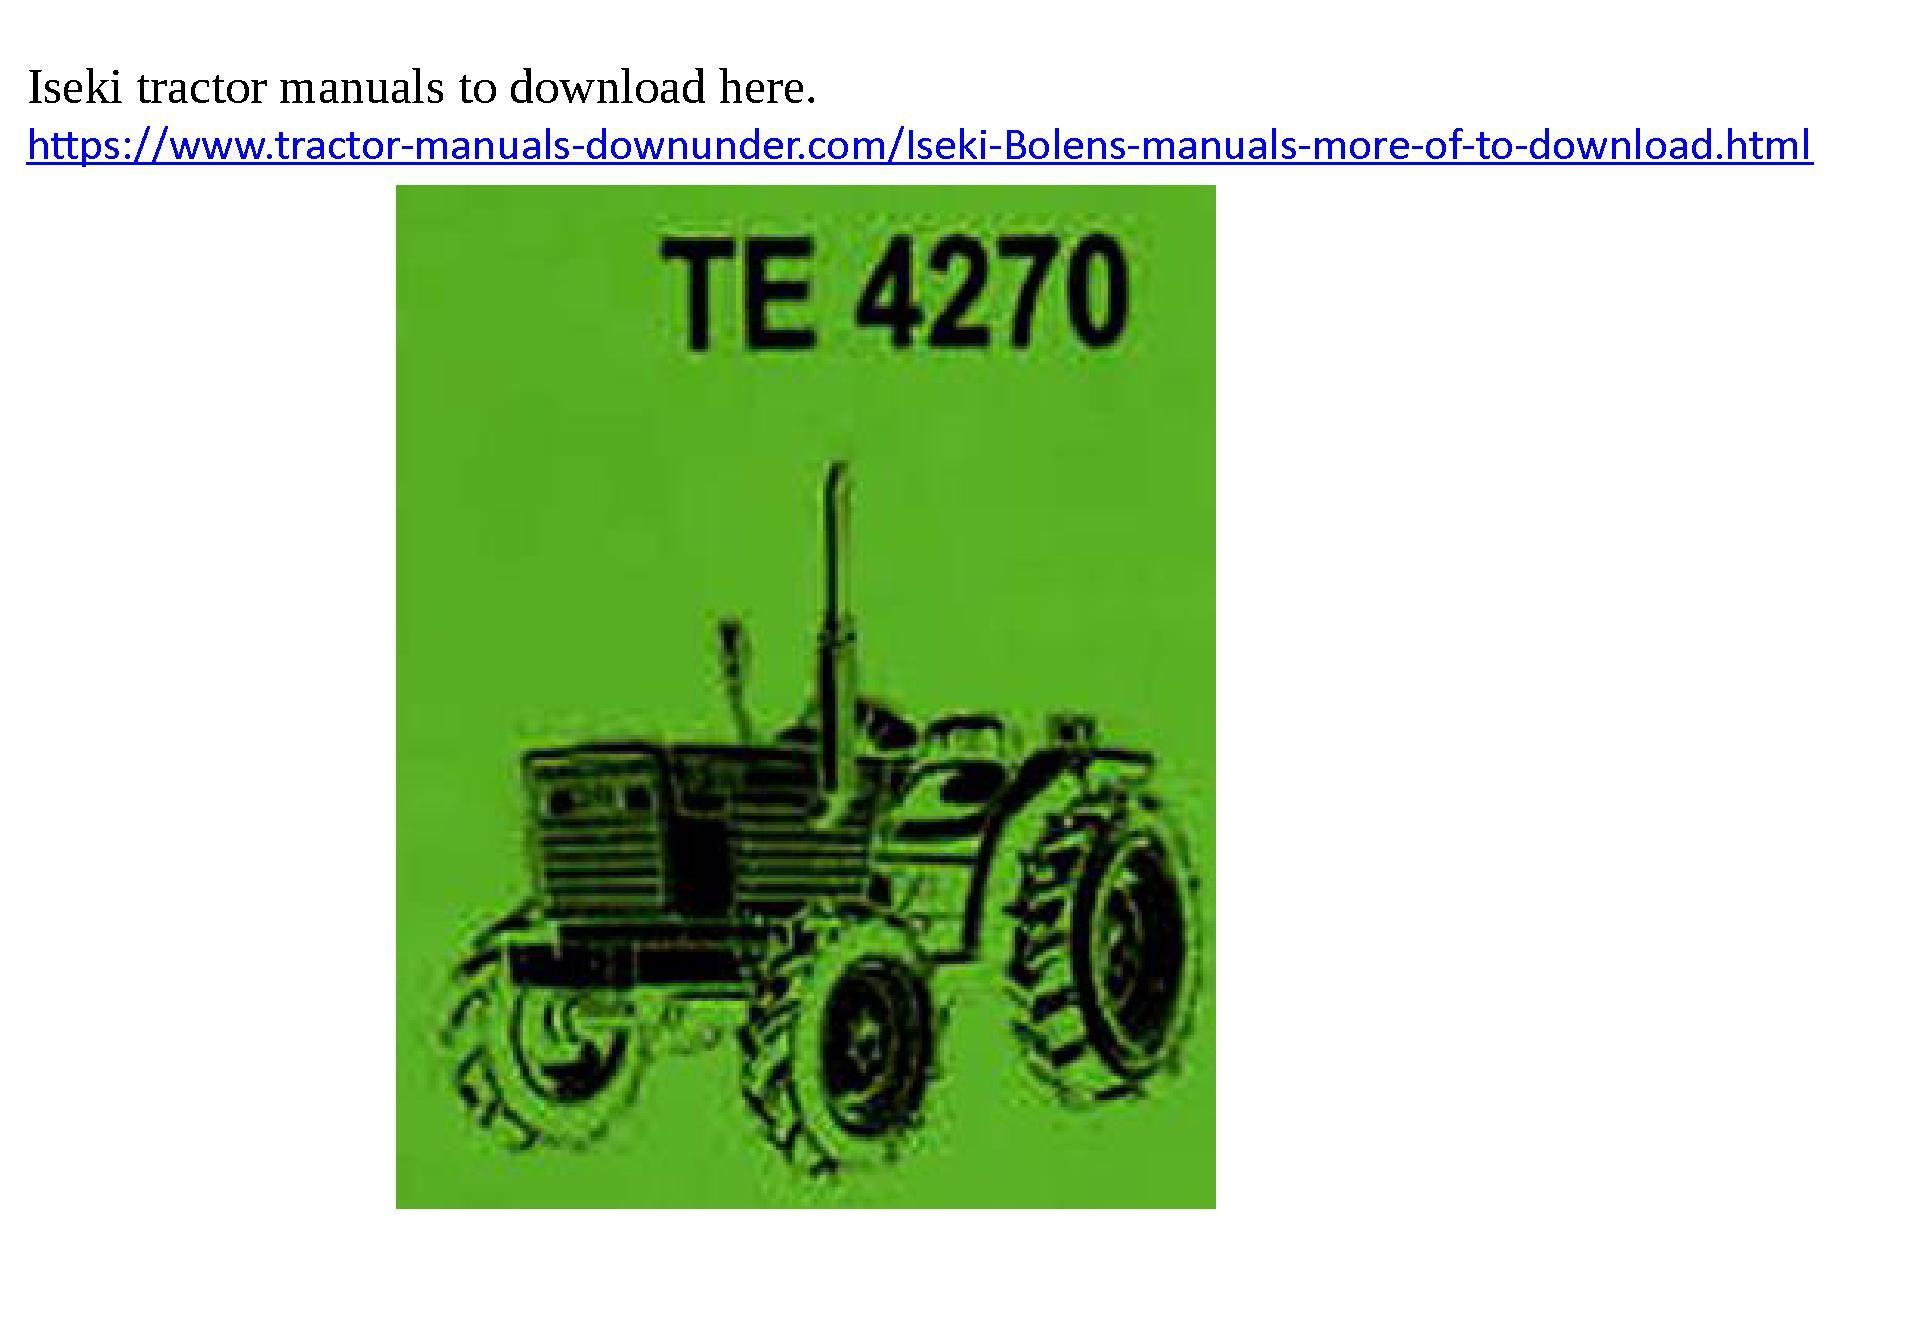 Download your Iseki TE4270 manual